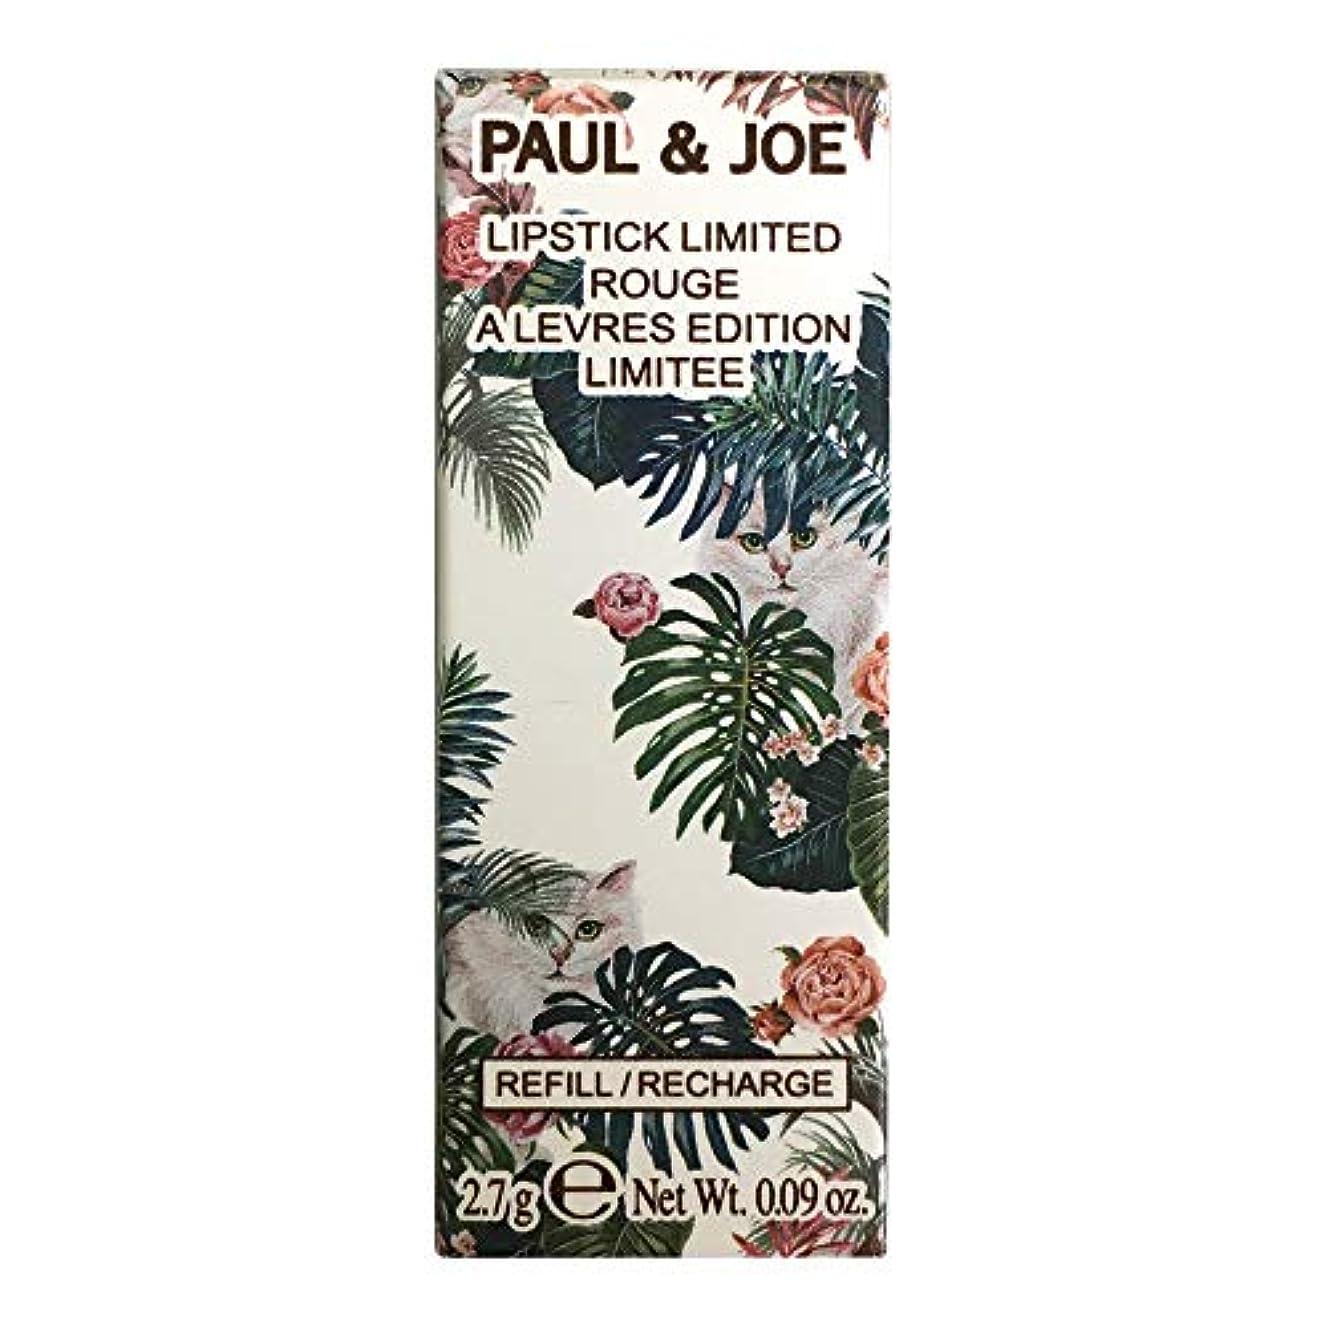 アイデアコメントスライムポール & ジョー/PAUL & JOE リップスティック リミテッド #005(レフィル) (限定) [ 口紅 ] [並行輸入品]